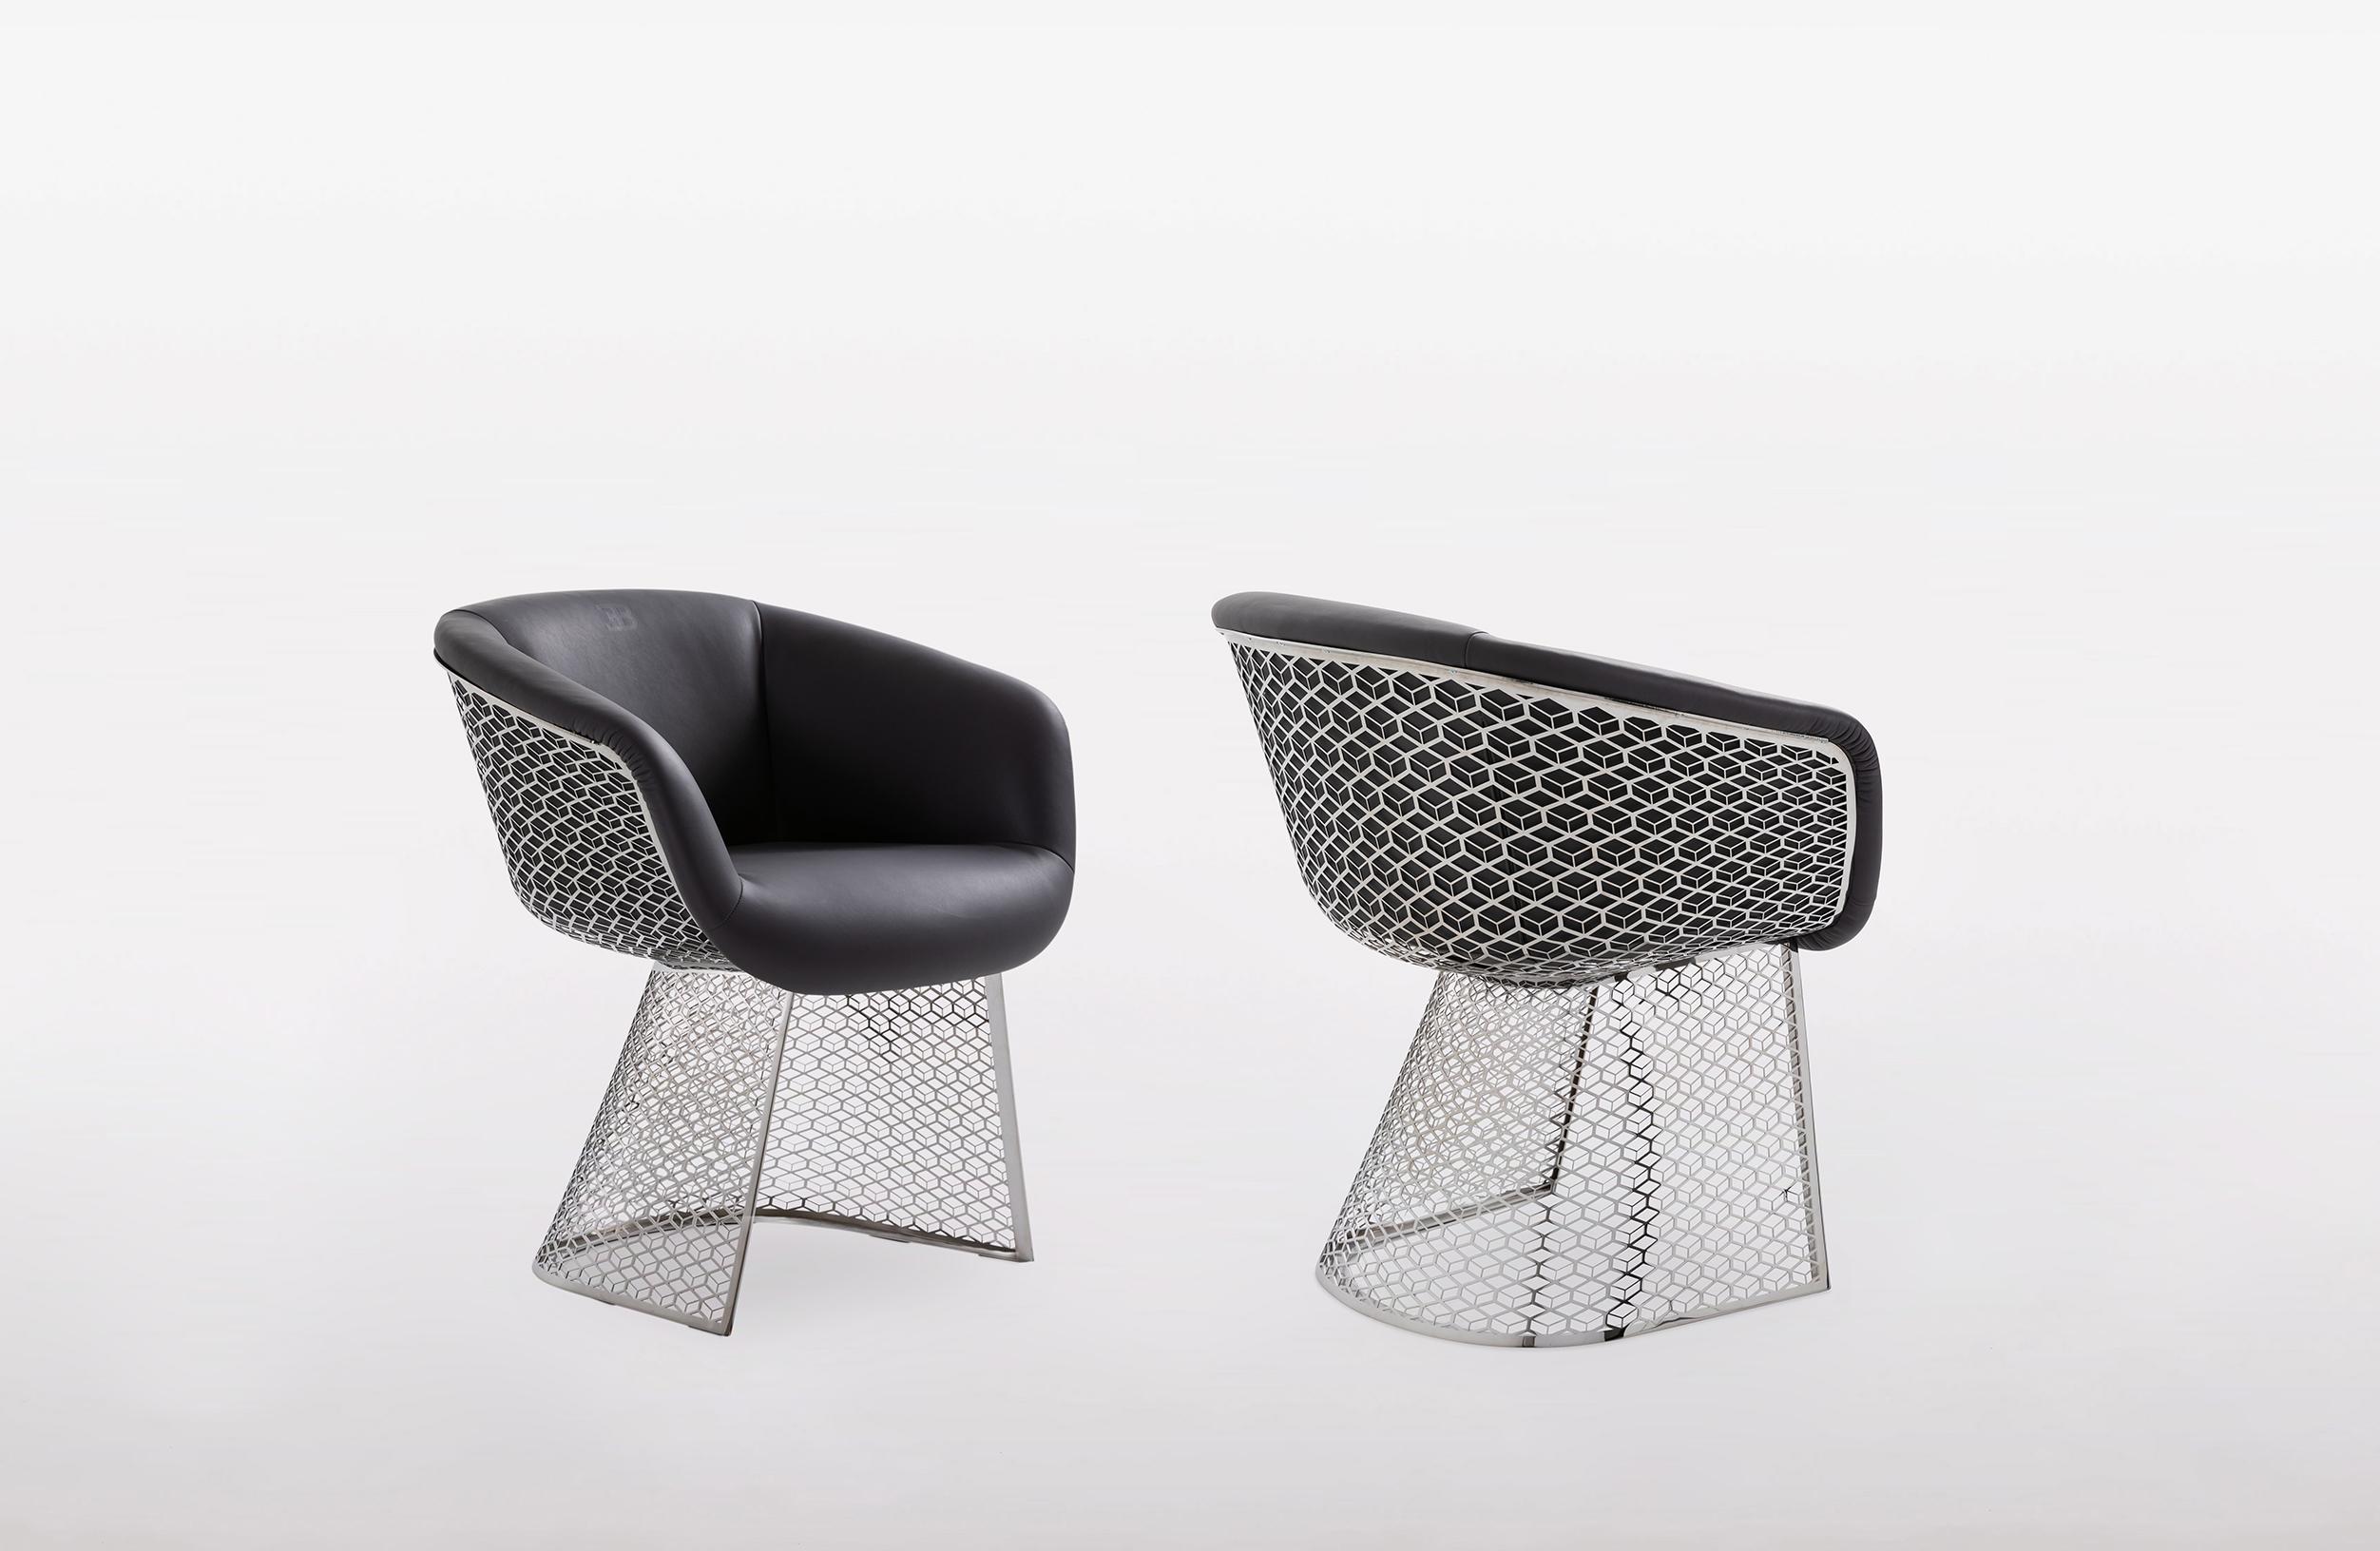 bugatti home-vitesse-sense-chair-04